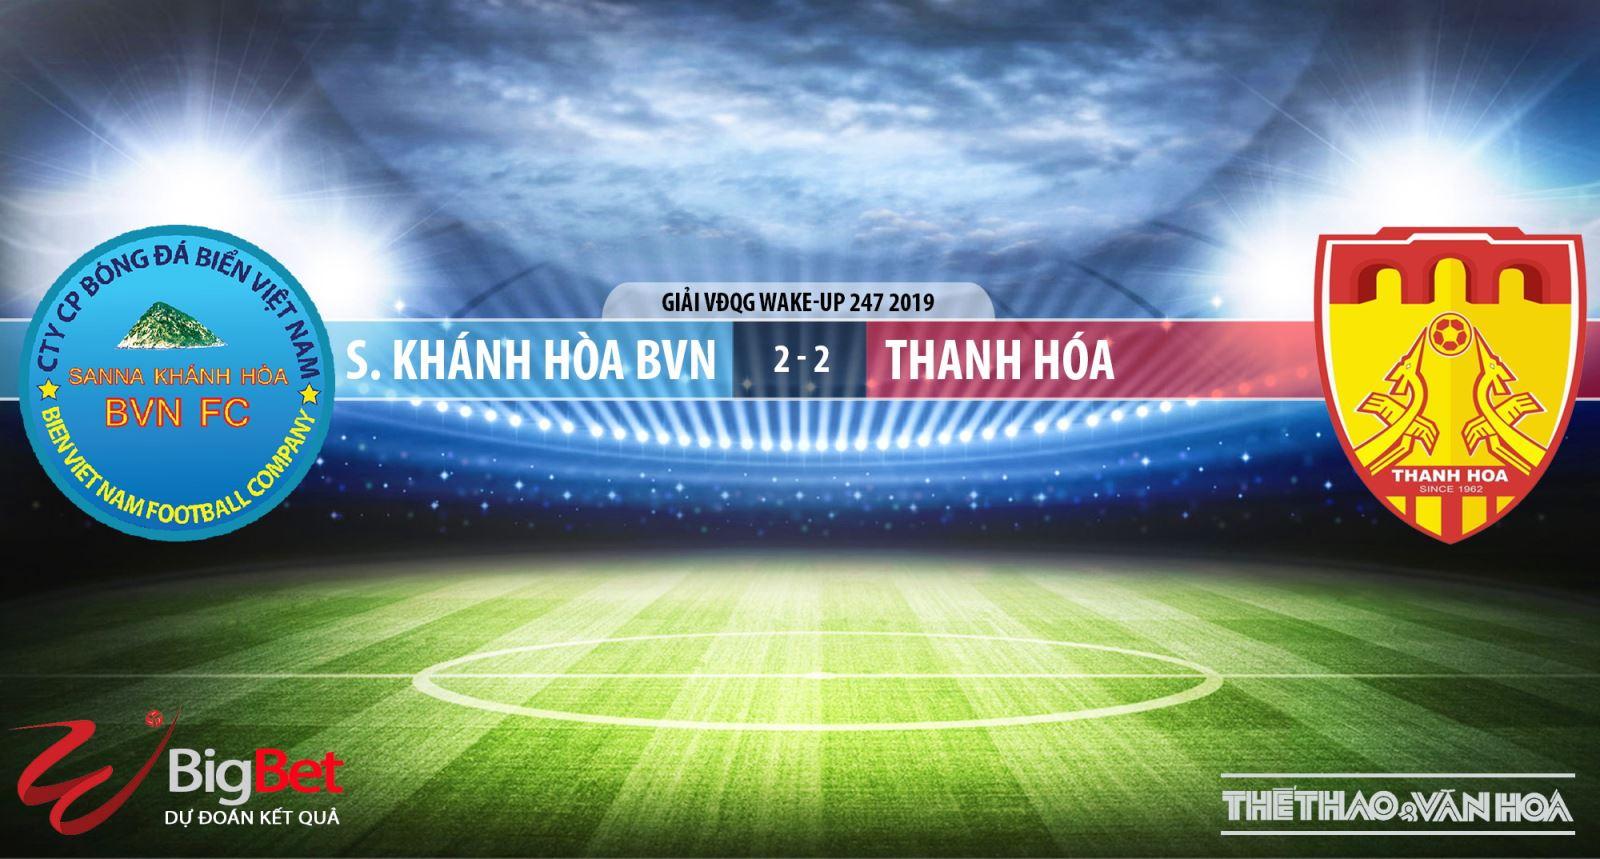 Sana Khánh Hòa vs Thanh Hóa, Khánh Hòa đấu với Thanh Hóa, trực tiếp V-League, xem trực tiếp Sana Khánh Hòa vs Thanh Hóa, Khánh Hòa, Thanh Hóa